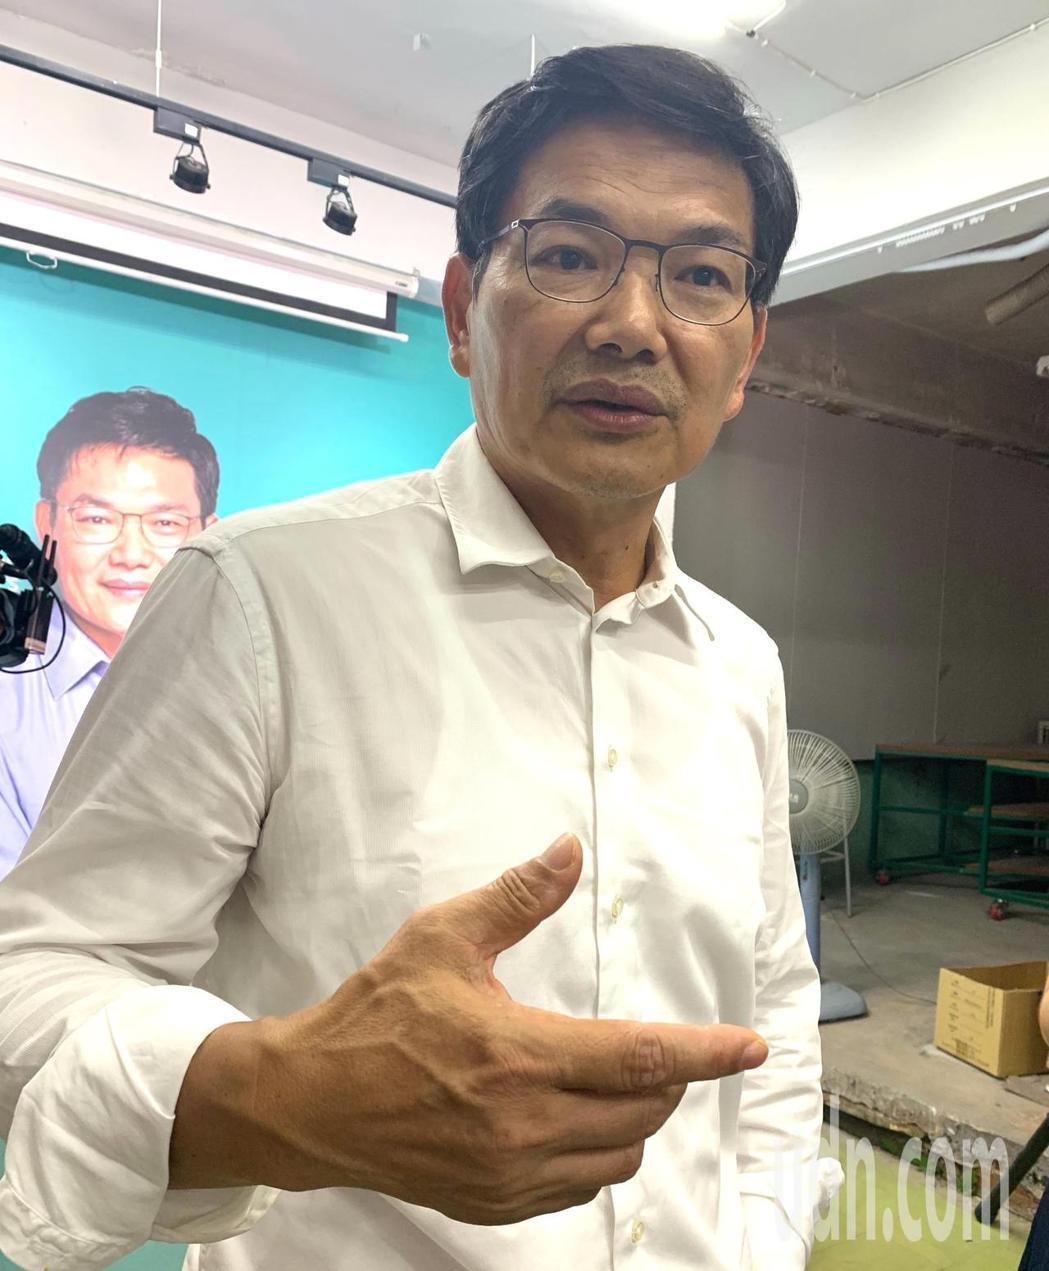 高雄市長補選候選人吳益政表示,反對港版國安法、反對一國兩制,強調中國政府一意孤行...